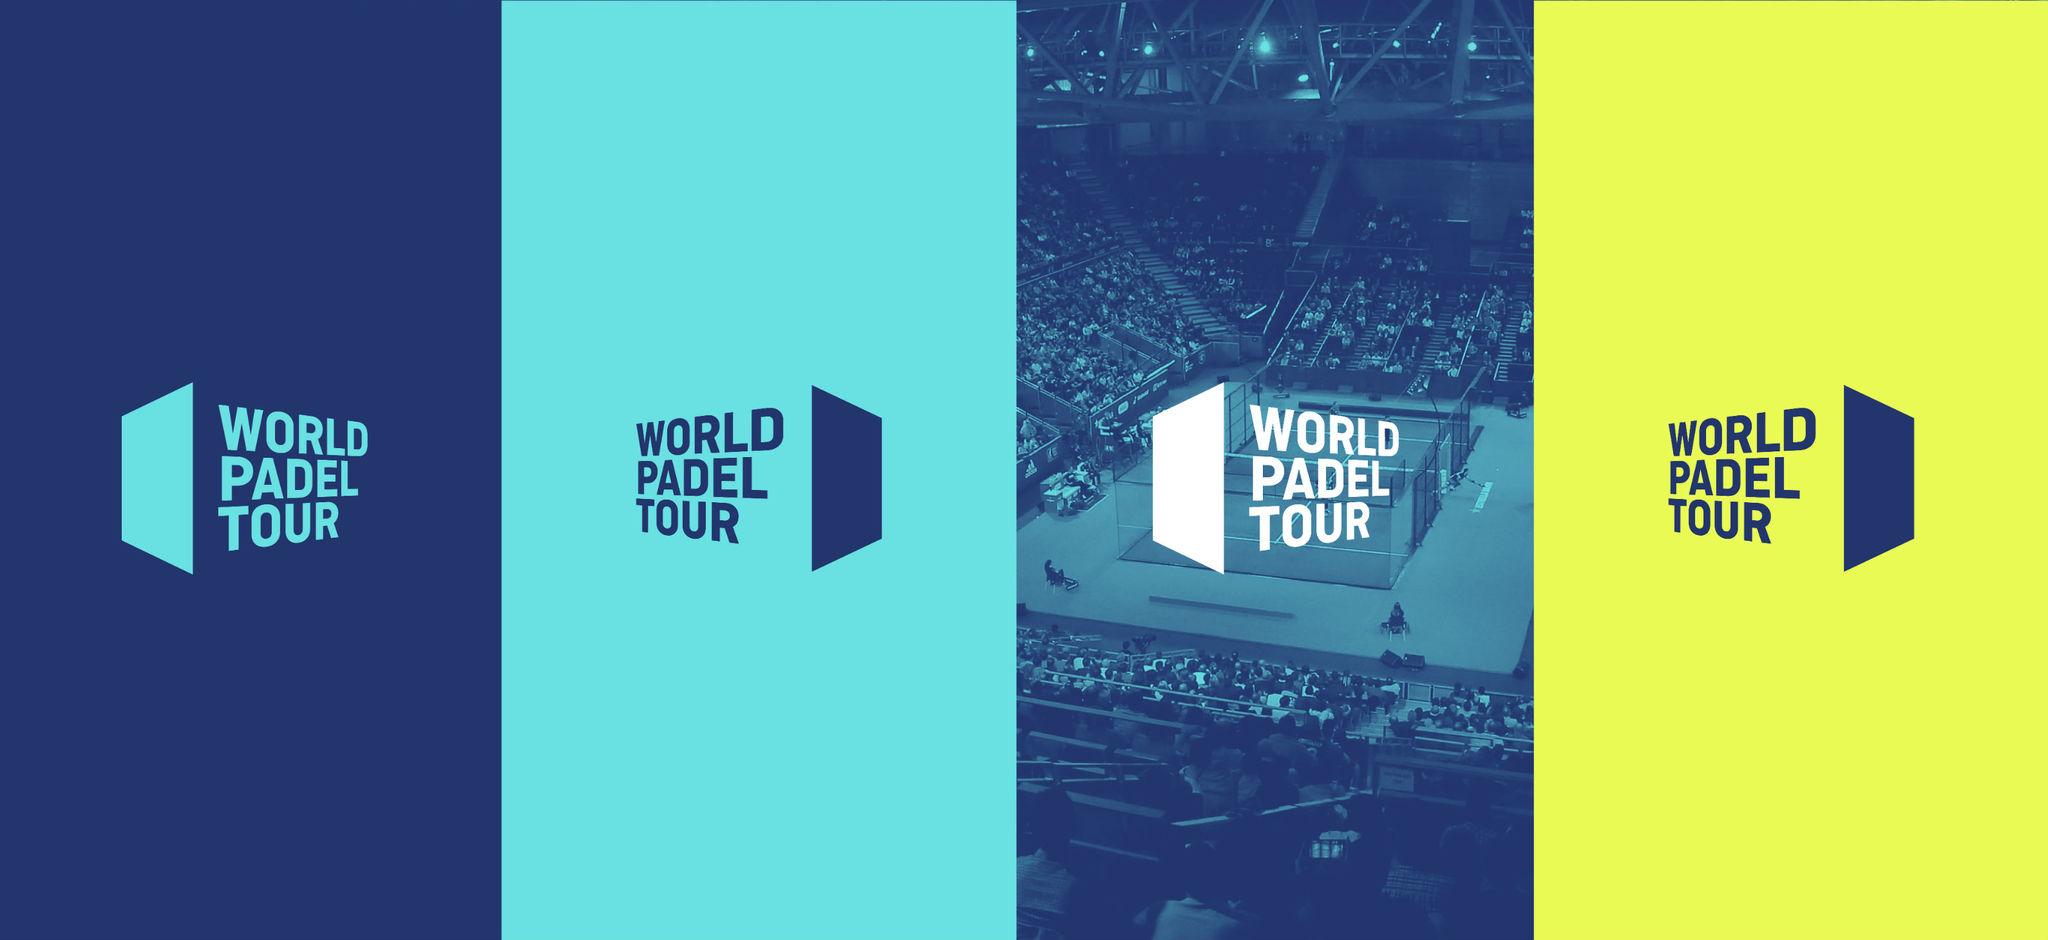 Calendario World Padel Tour.Padel World Padel Tour Una Nueva Imagen Para Una Nueva Era